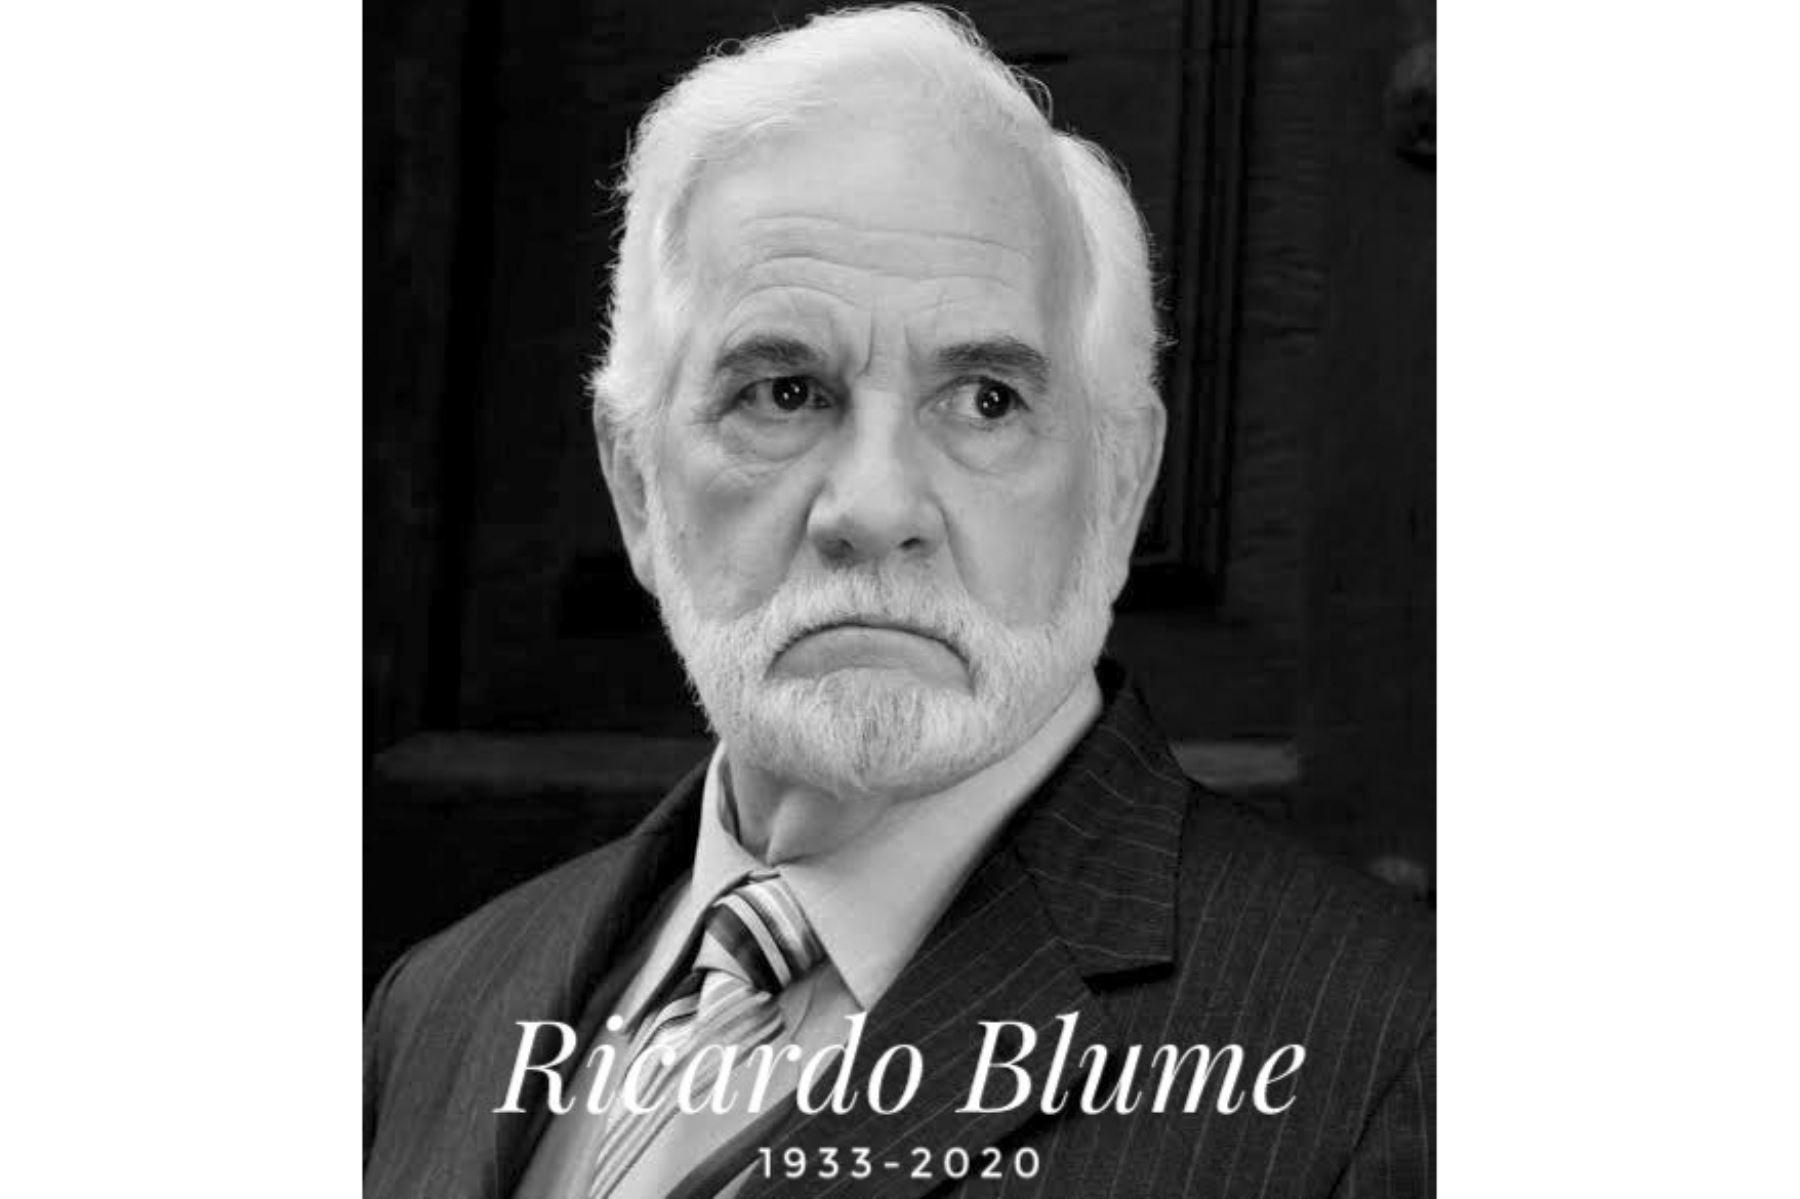 El actor peruano Ricardo Blume falleció hoy. Foto: ANDINA/Difusión